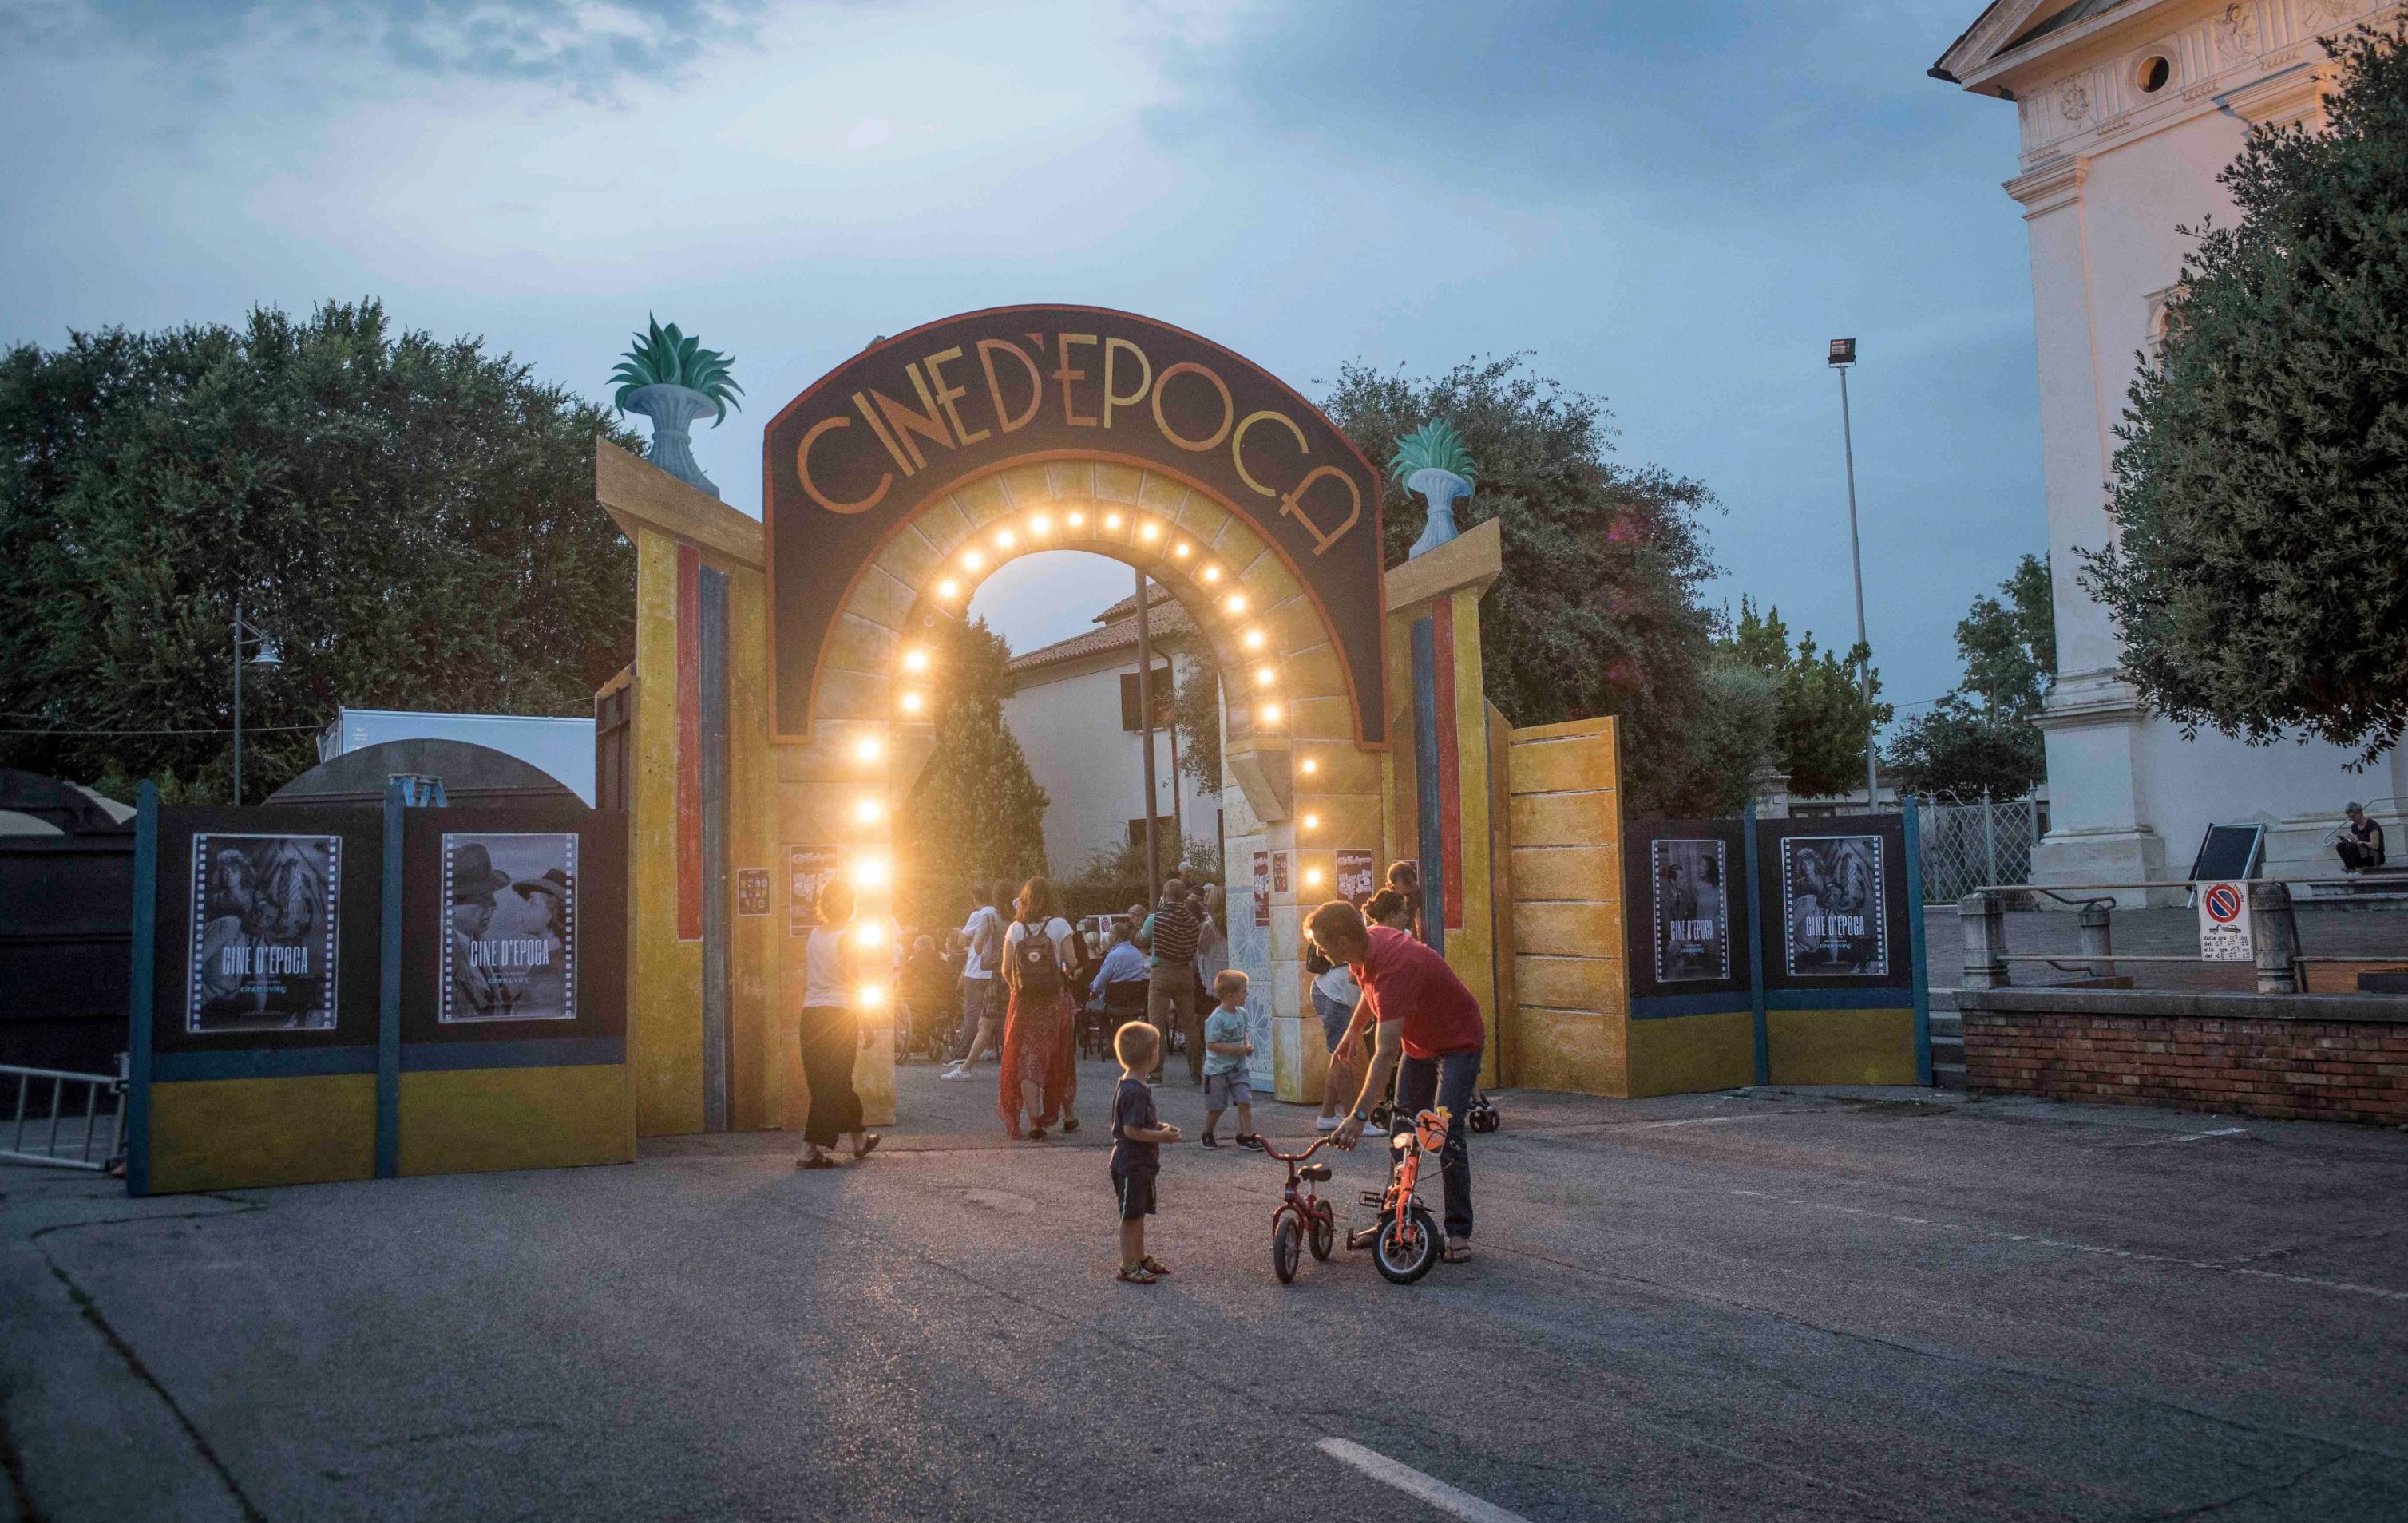 Più di 100 eventi gratuiti in 40 luoghi simbolo della città: è l'Estate Incantata di Treviso